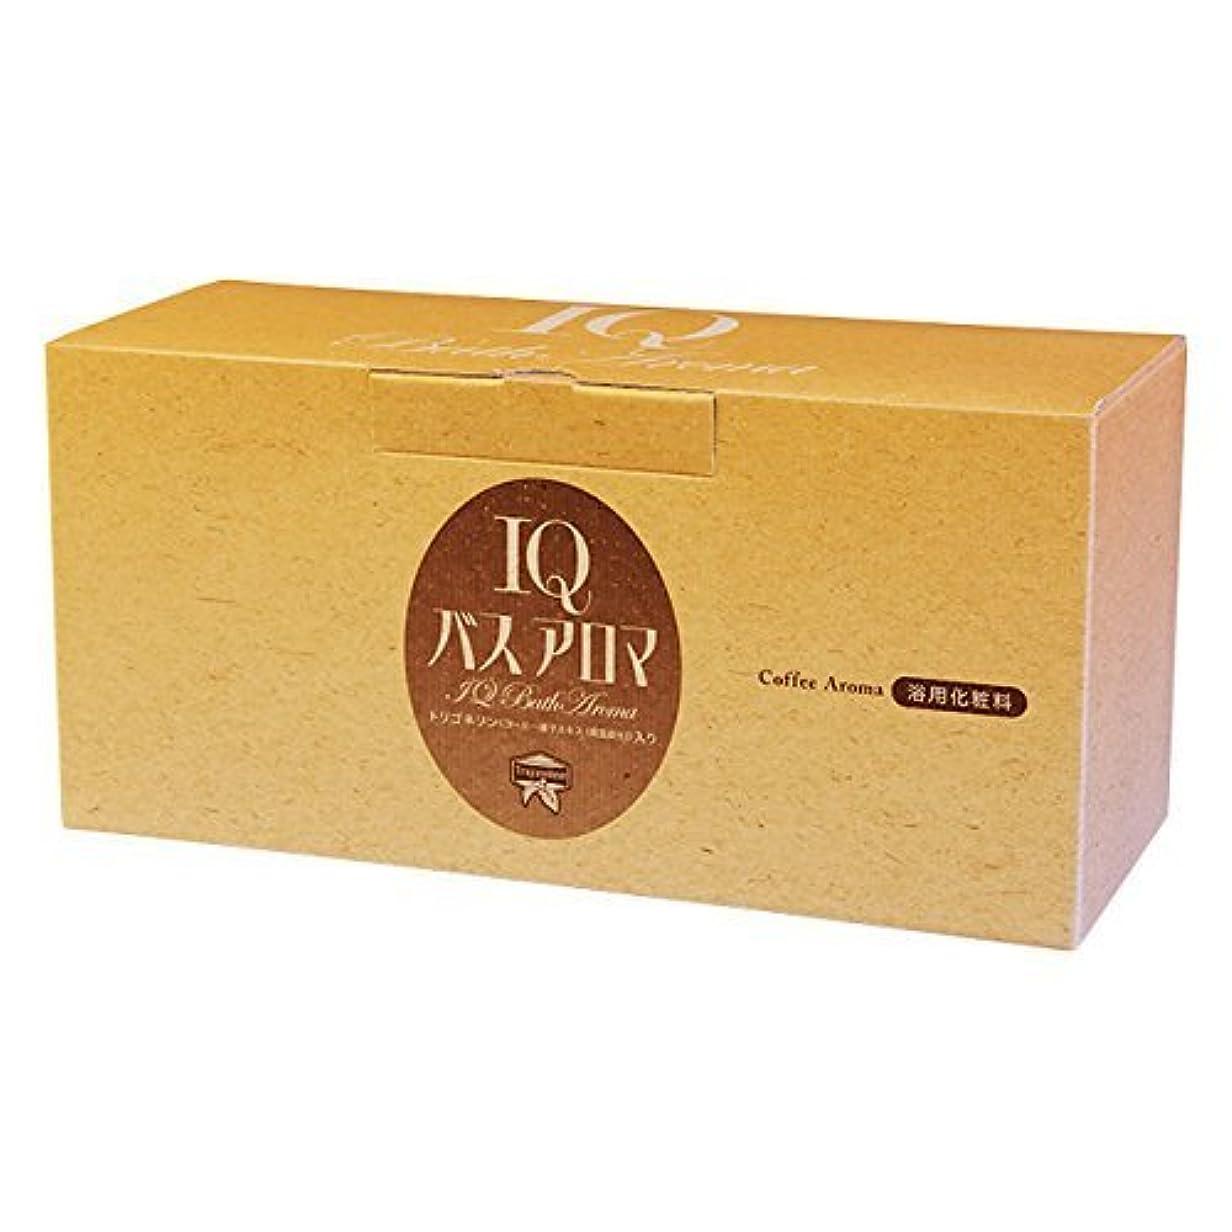 発表今晩パラシュートIQバスアロマ IQ Bath Aroma ―トリゴネリン入り入浴剤―